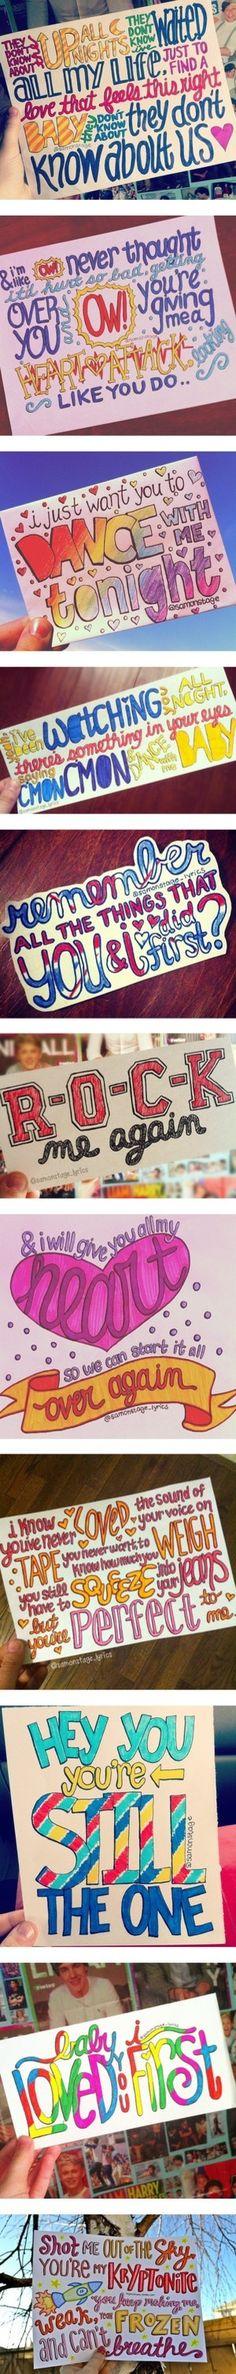 One direction lyrics! I wish I could draw like that! :(